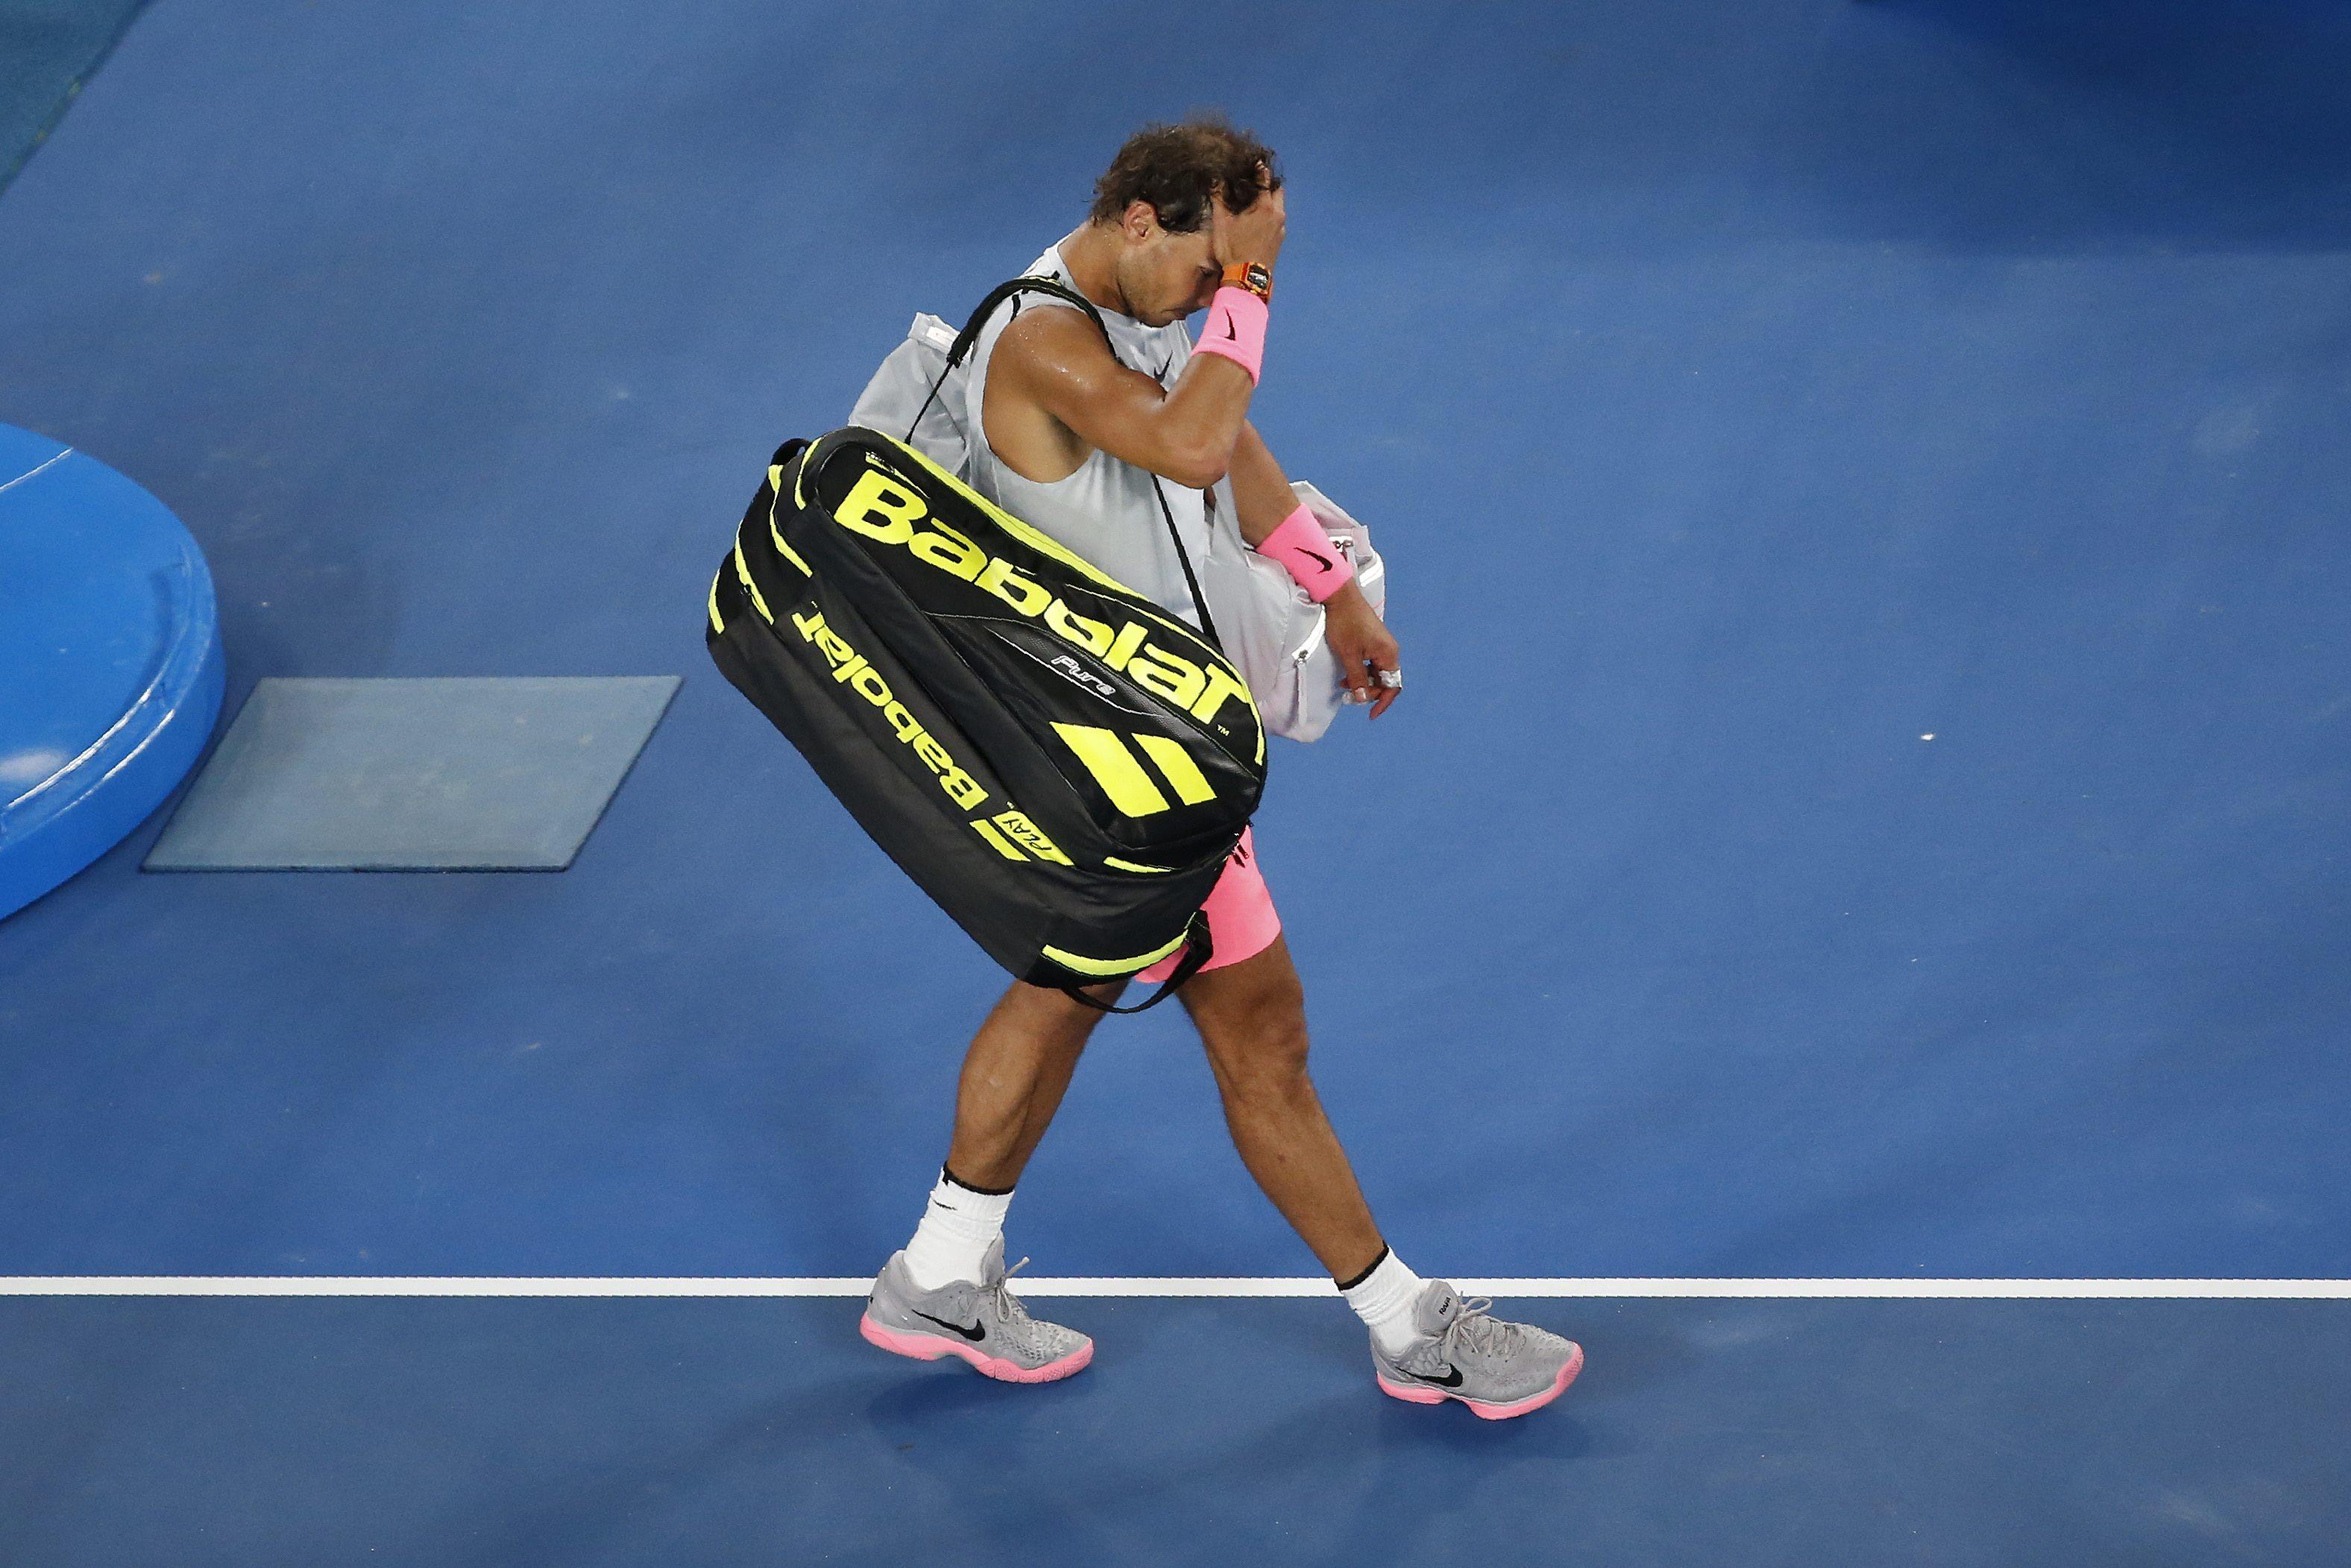 Nỗi thất vọng của Nadal sau khi chia tay giải. Ảnh: REUTERS